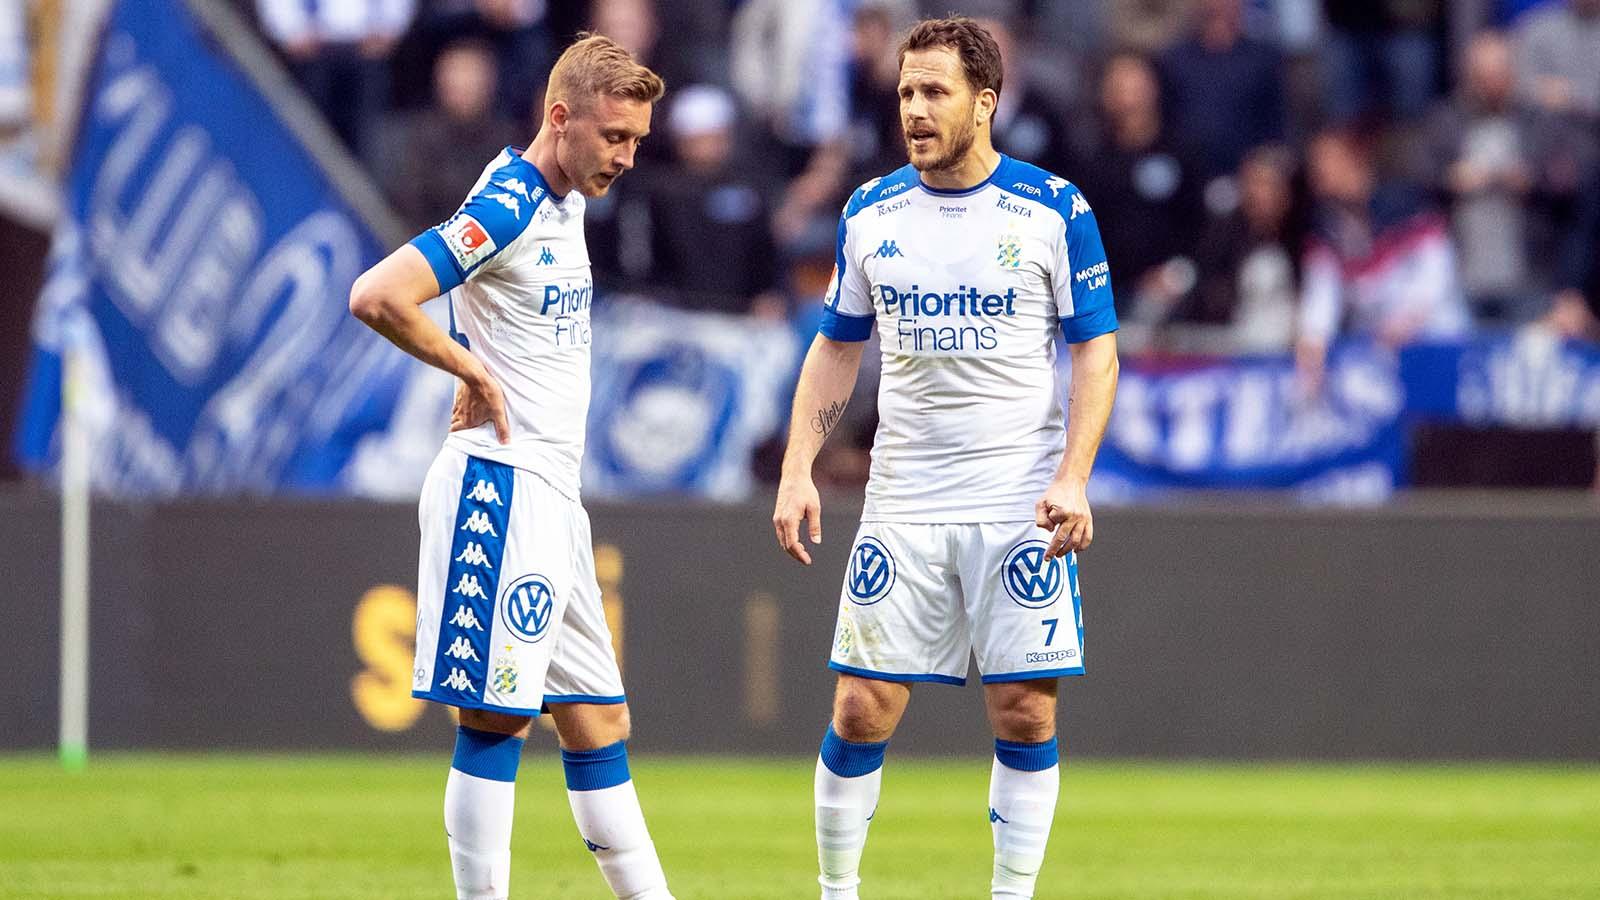 180422 IFK Göteborgs Sebastian Ohlsson och Tobias Hysén deppar under fotbollsmatchen i Allsvenskan mellan AIK och IFK Göteborg den 22 april 2018 i Stockholm. Foto: Andreas L Eriksson / Bildbyrån / kod AE / Cop 106